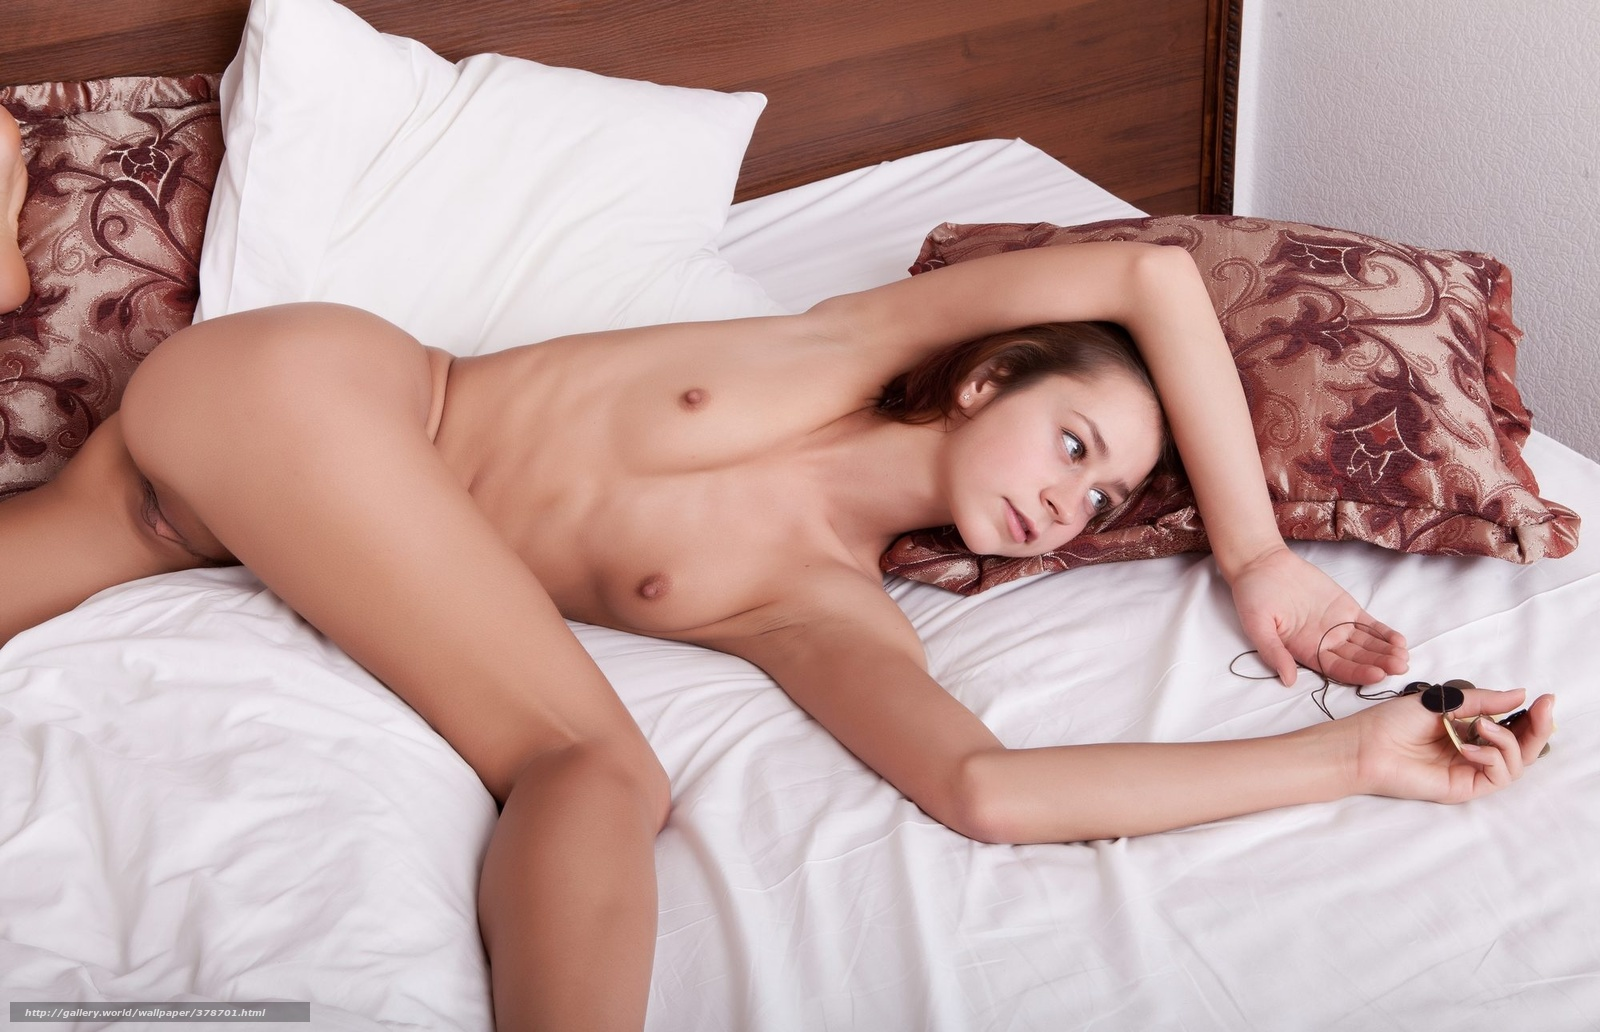 Сэкс голые в пастели фото 12 фотография